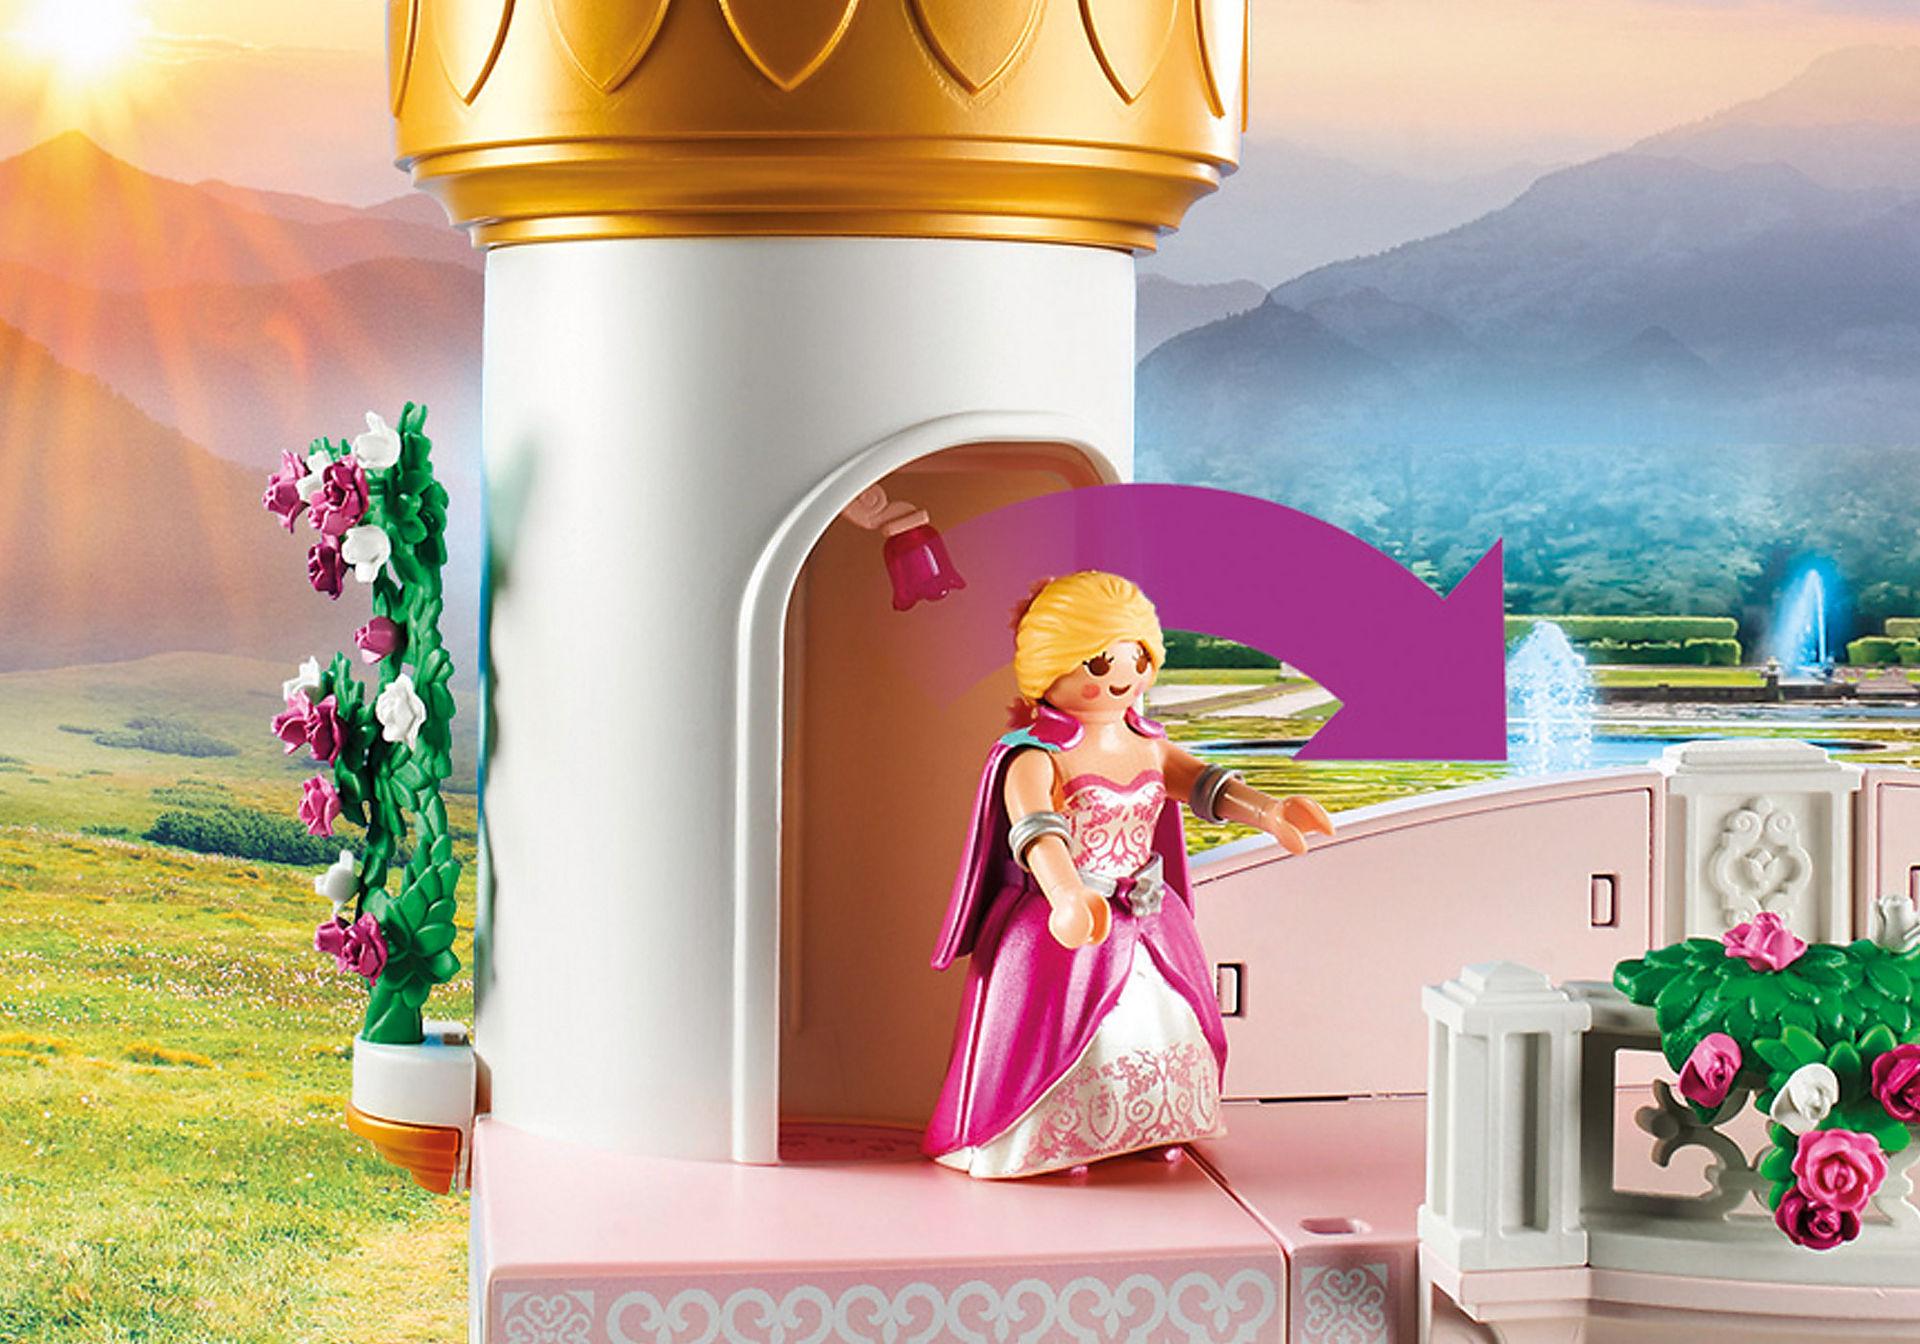 70448 Πριγκιπικό Κάστρο zoom image5